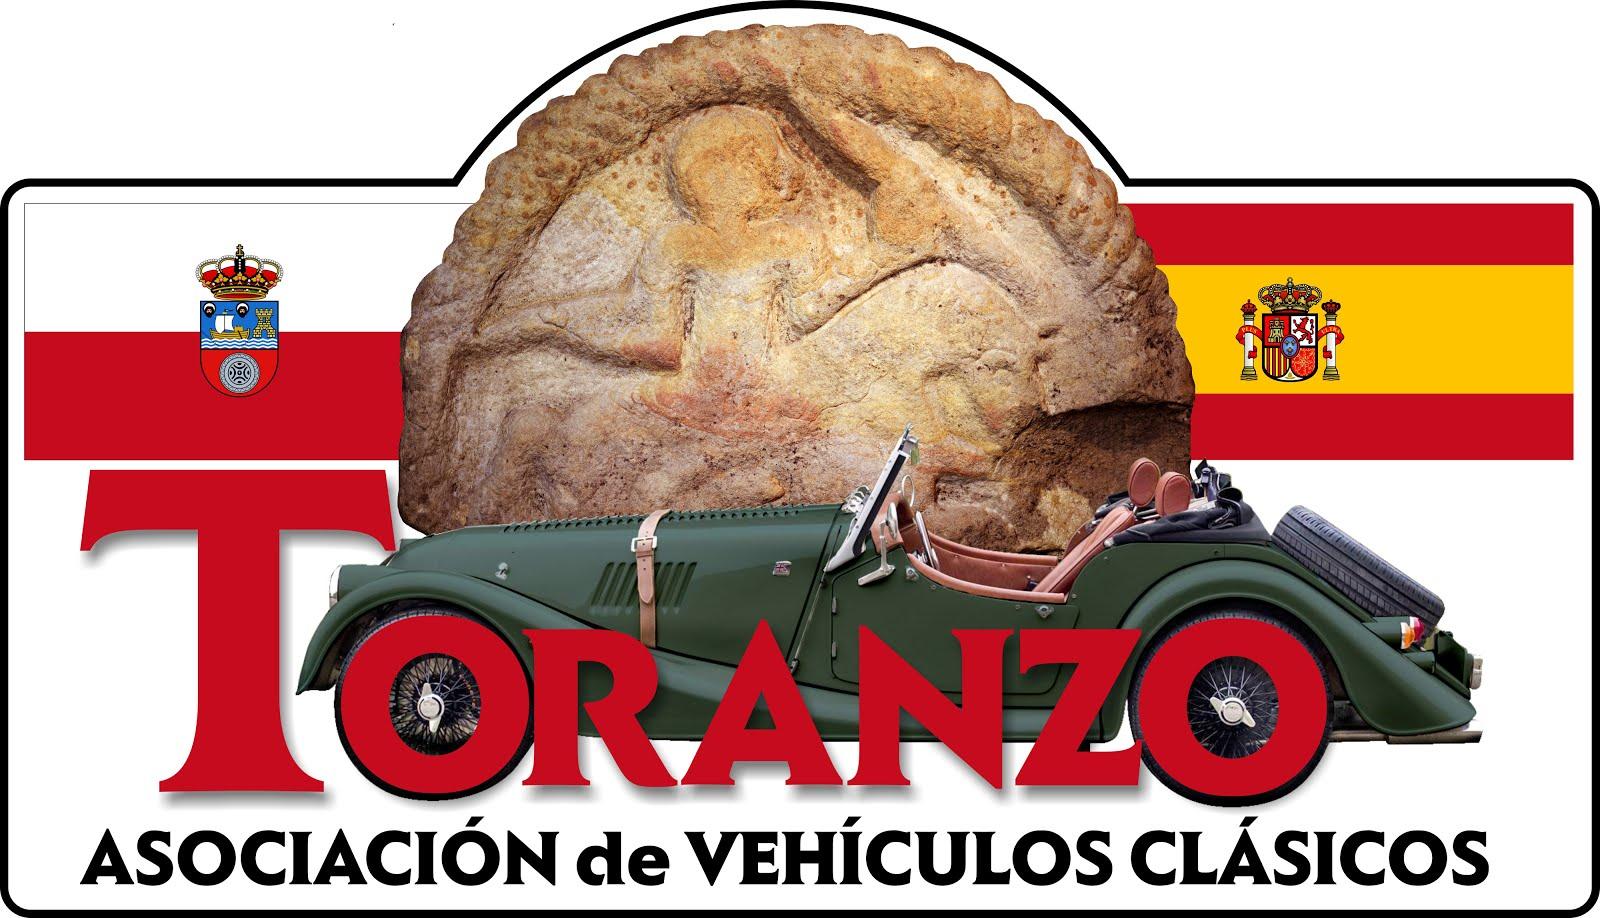 Clásicos de Toranzo